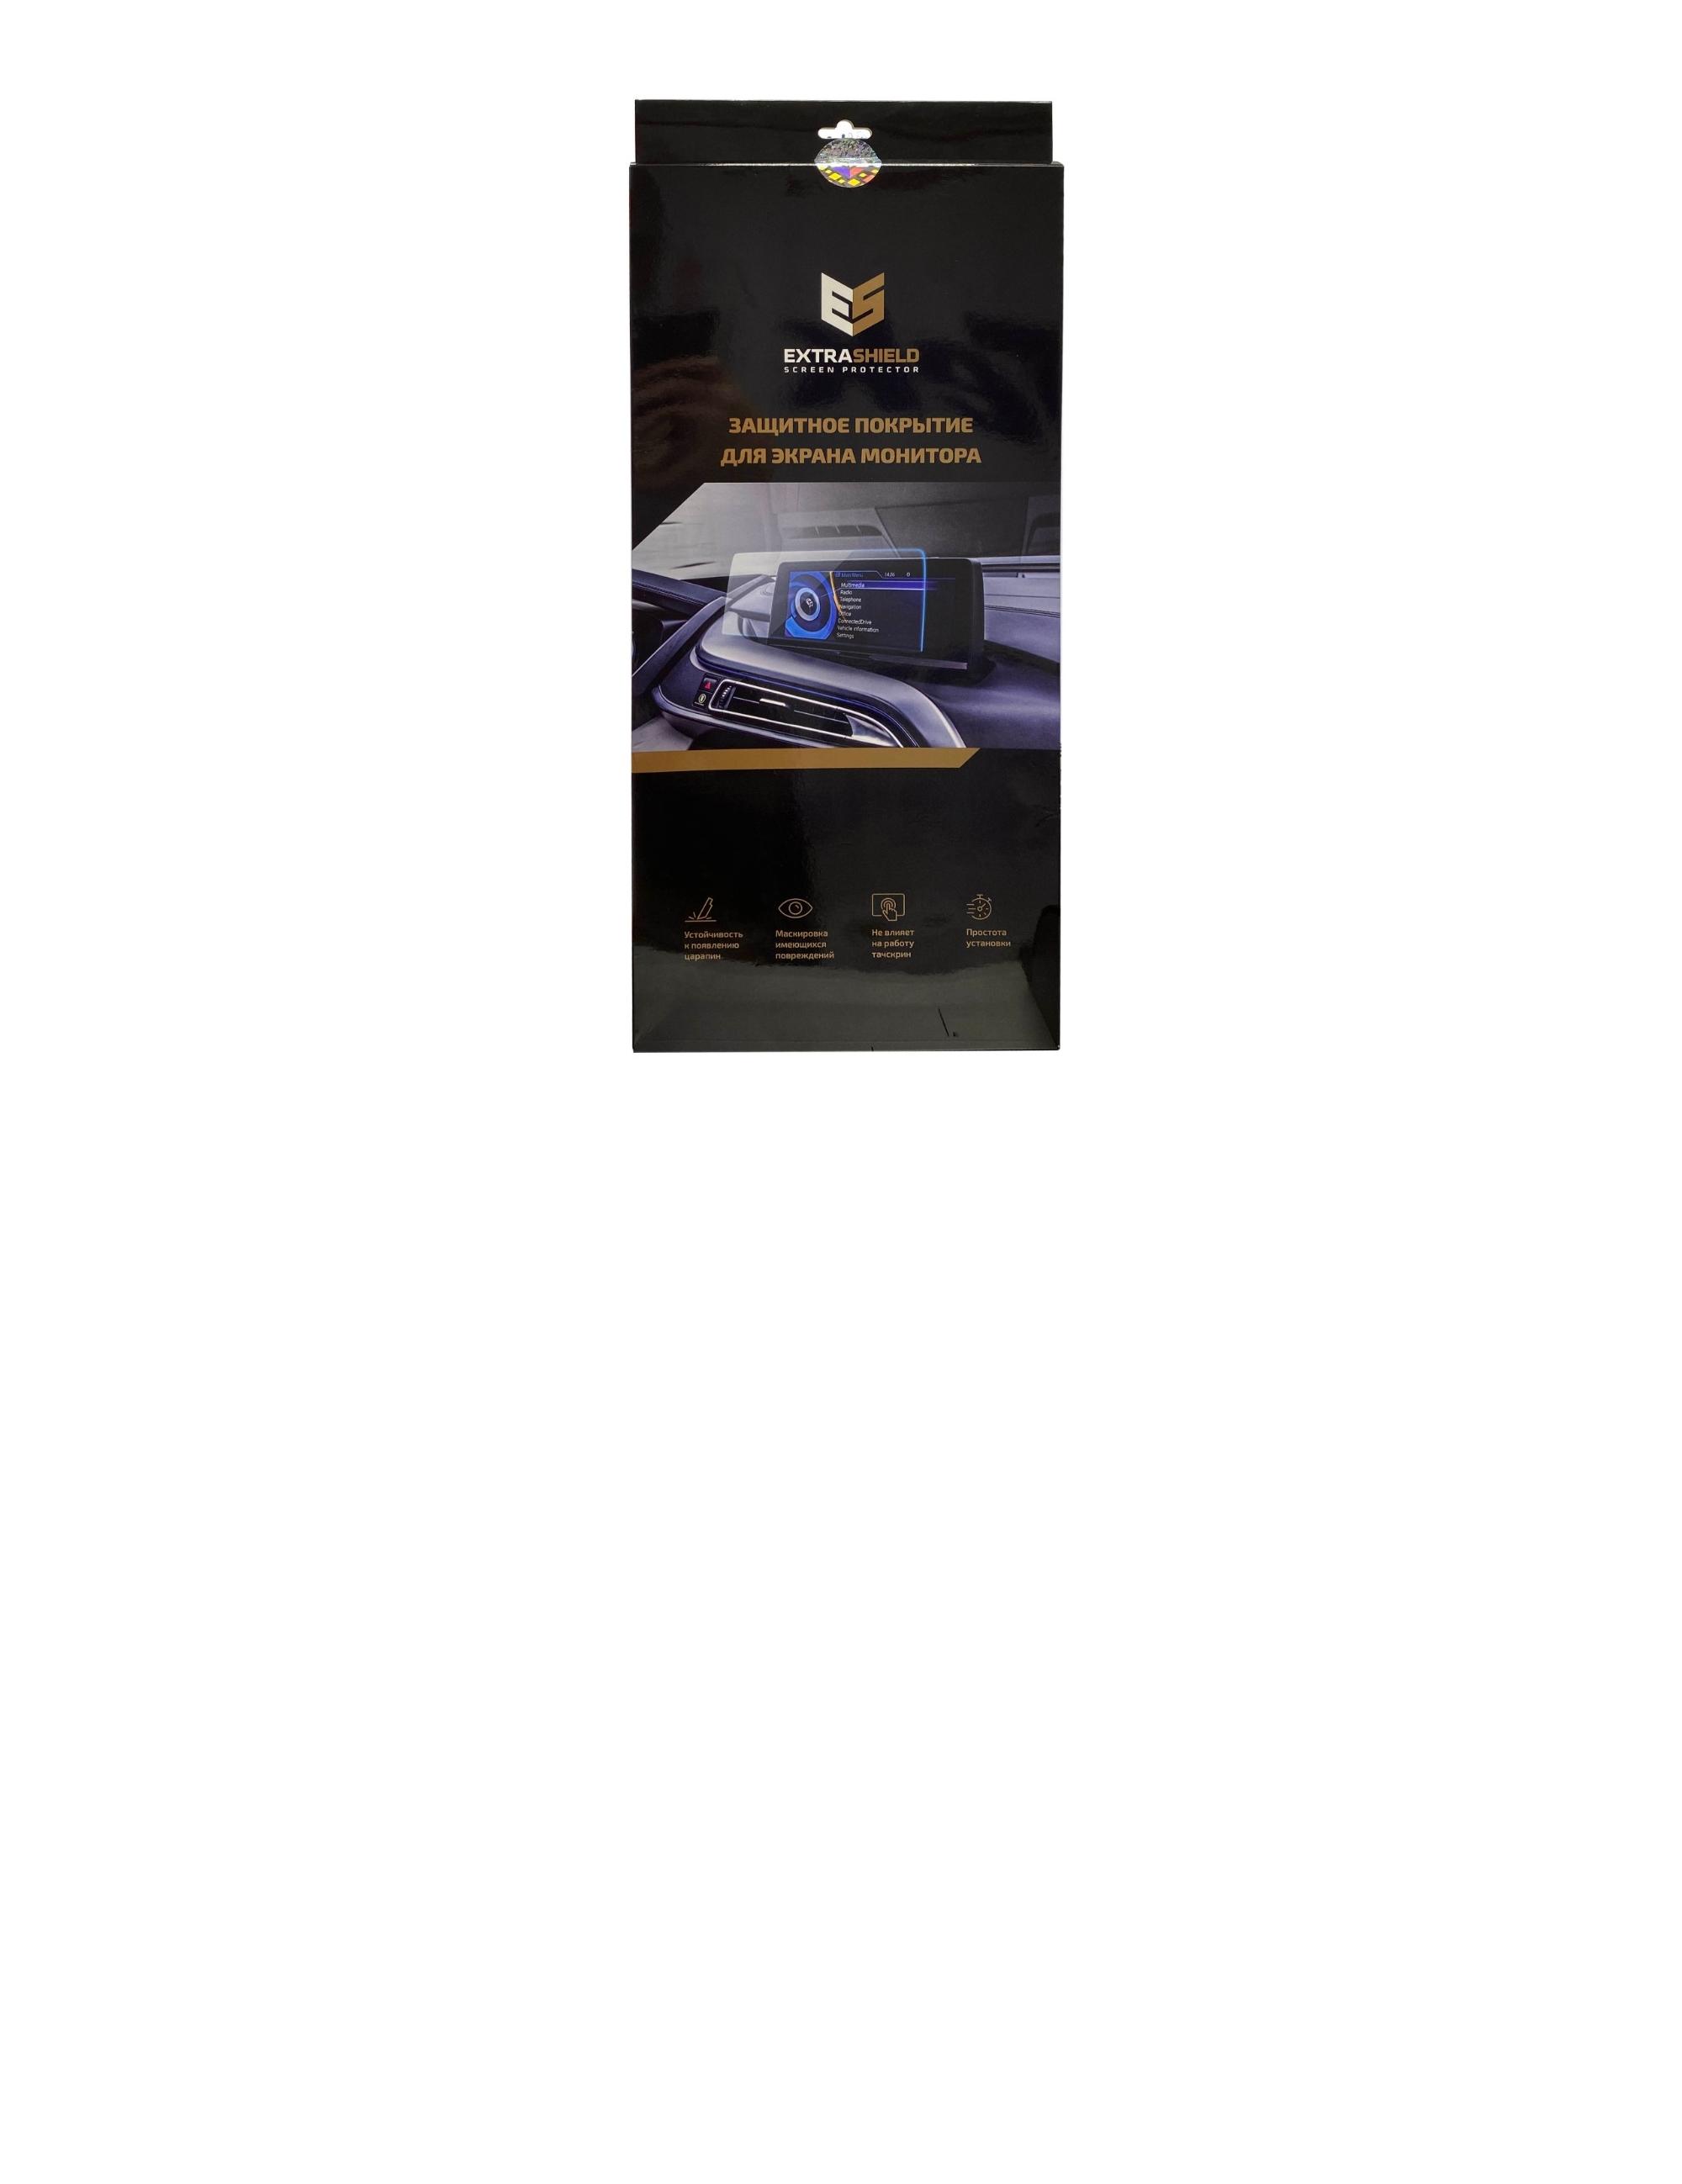 Infiniti Q50 Sedan/ Q60 Coupe 2016 - н.в. мультимедиа (верхниз) 7-8 Защитное стекло Матовая